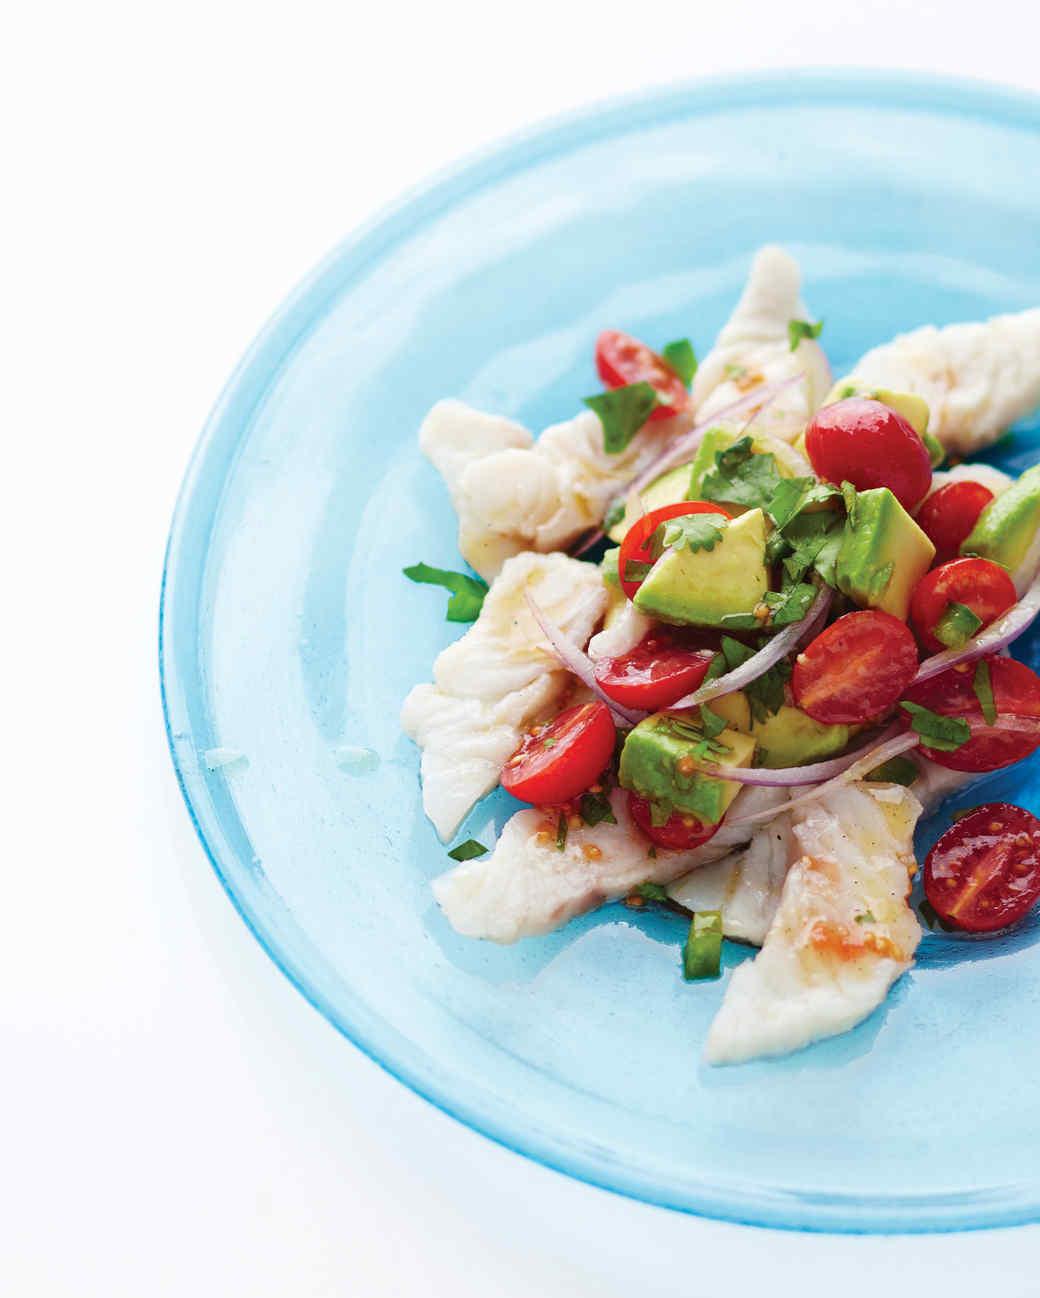 Ceviche with avocado tomato and cilantro recipe martha for Fish for ceviche